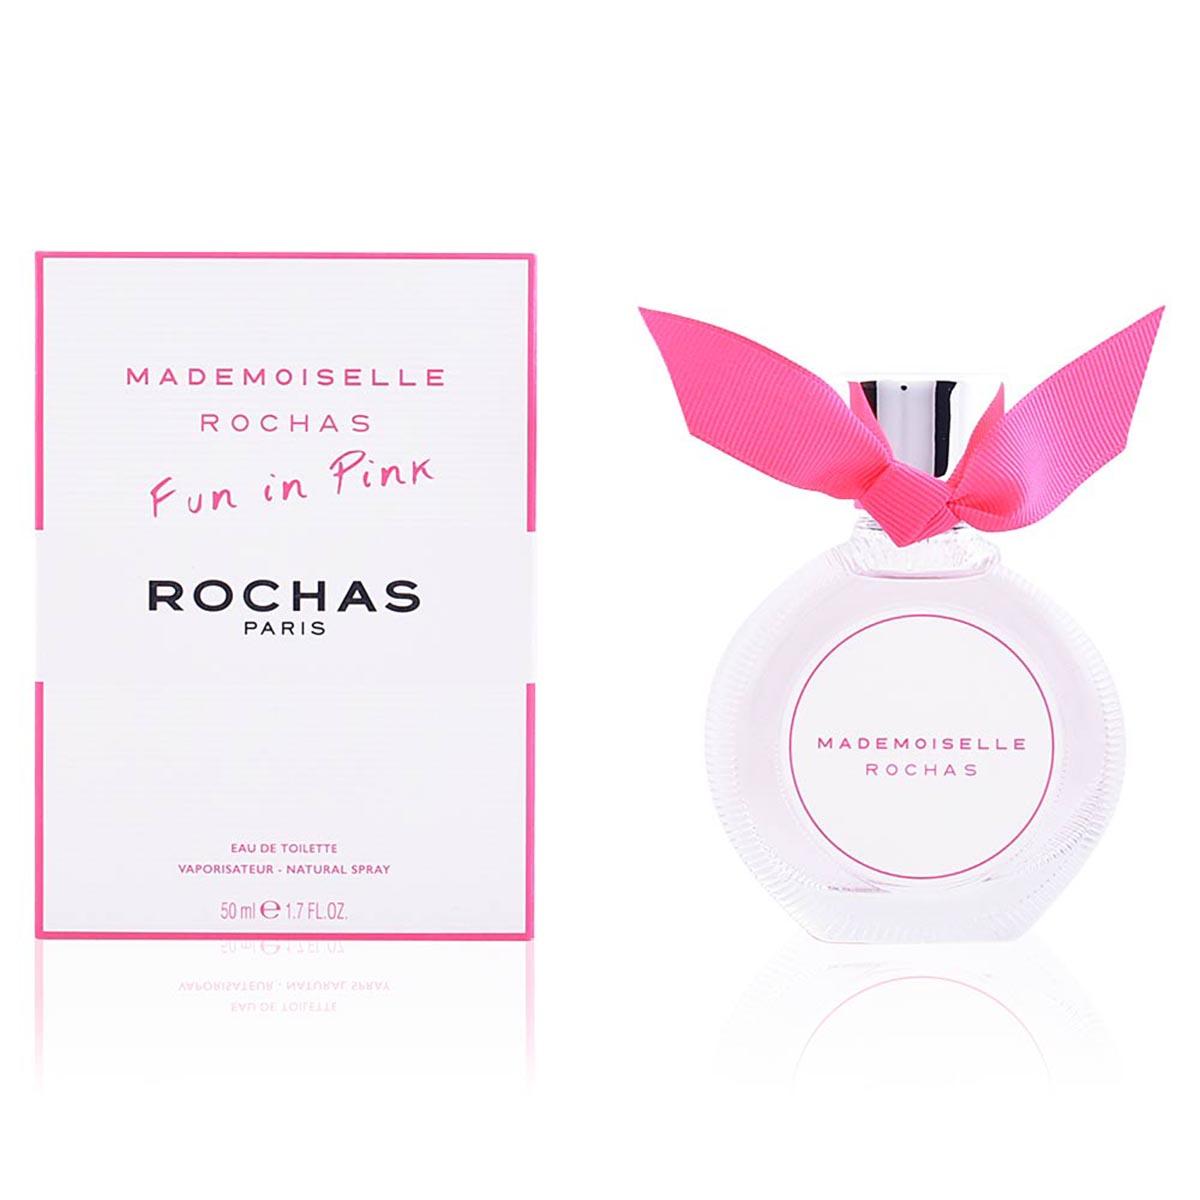 Rochas mademoiselle fun in pink eau de toilette 50ml vaporizador